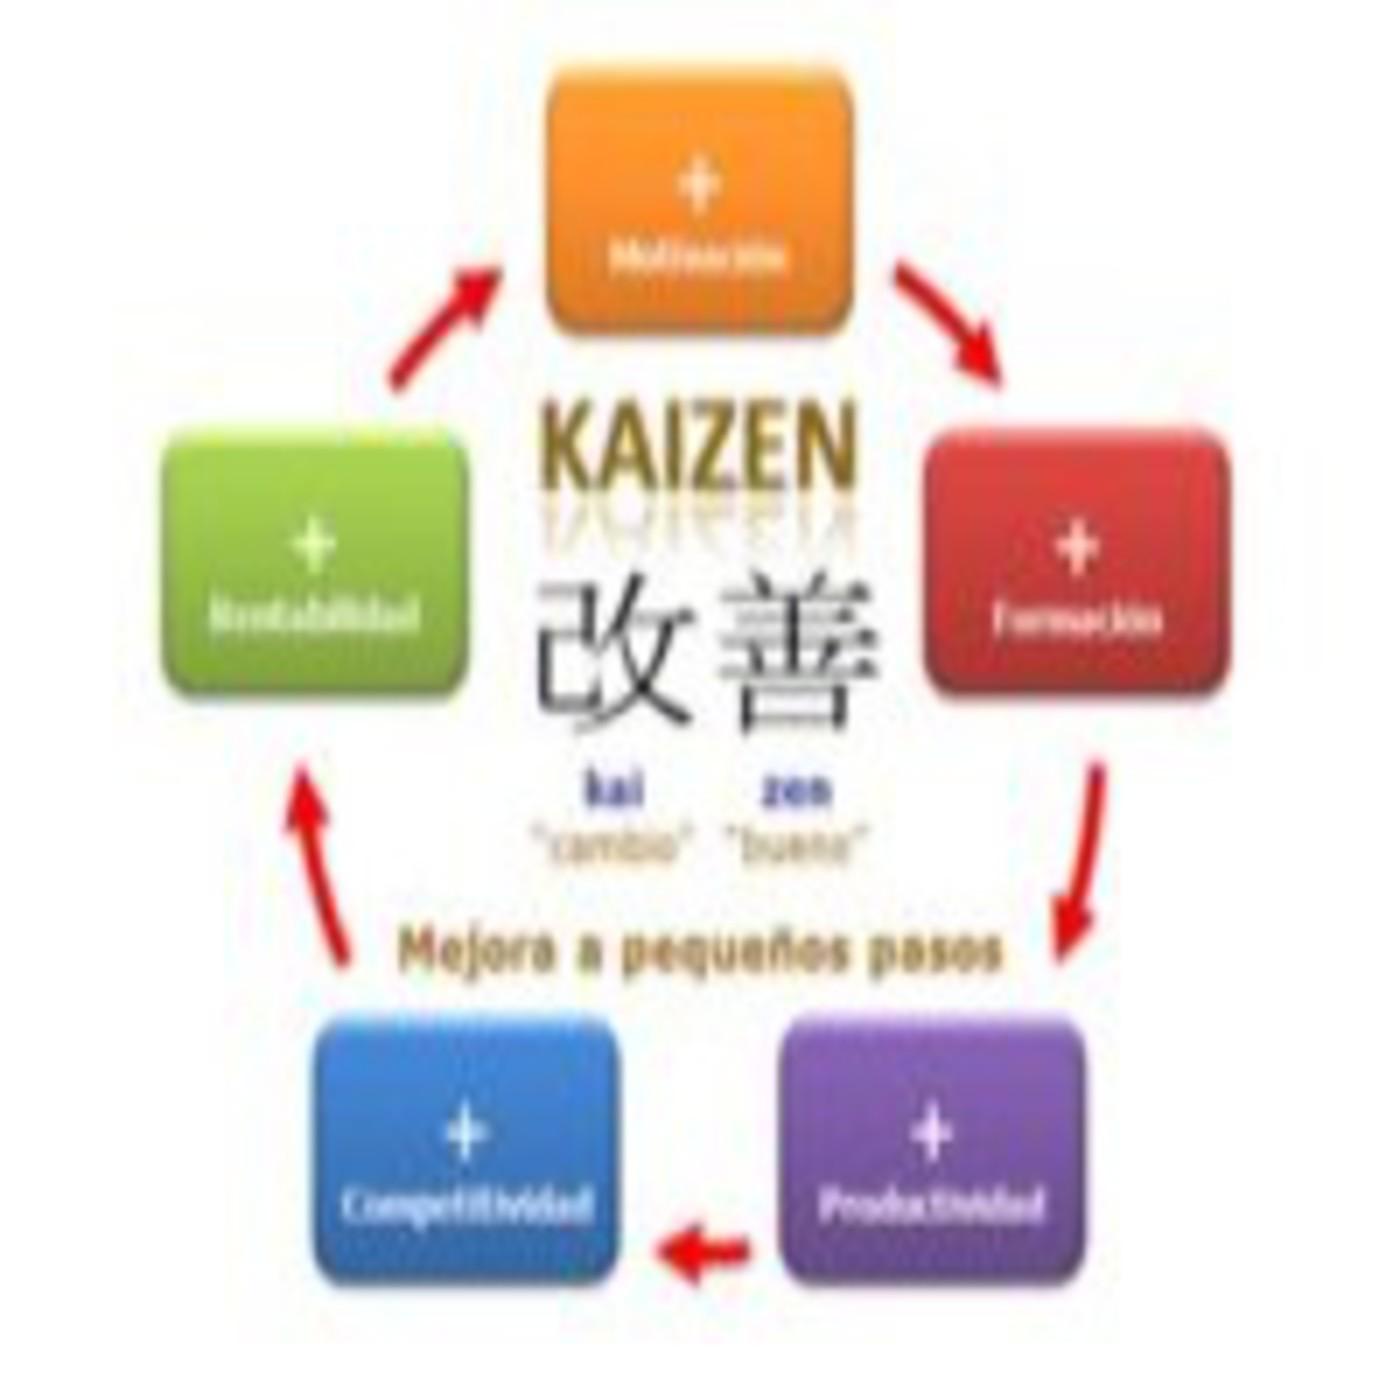 Escucha Podcast kaizen team